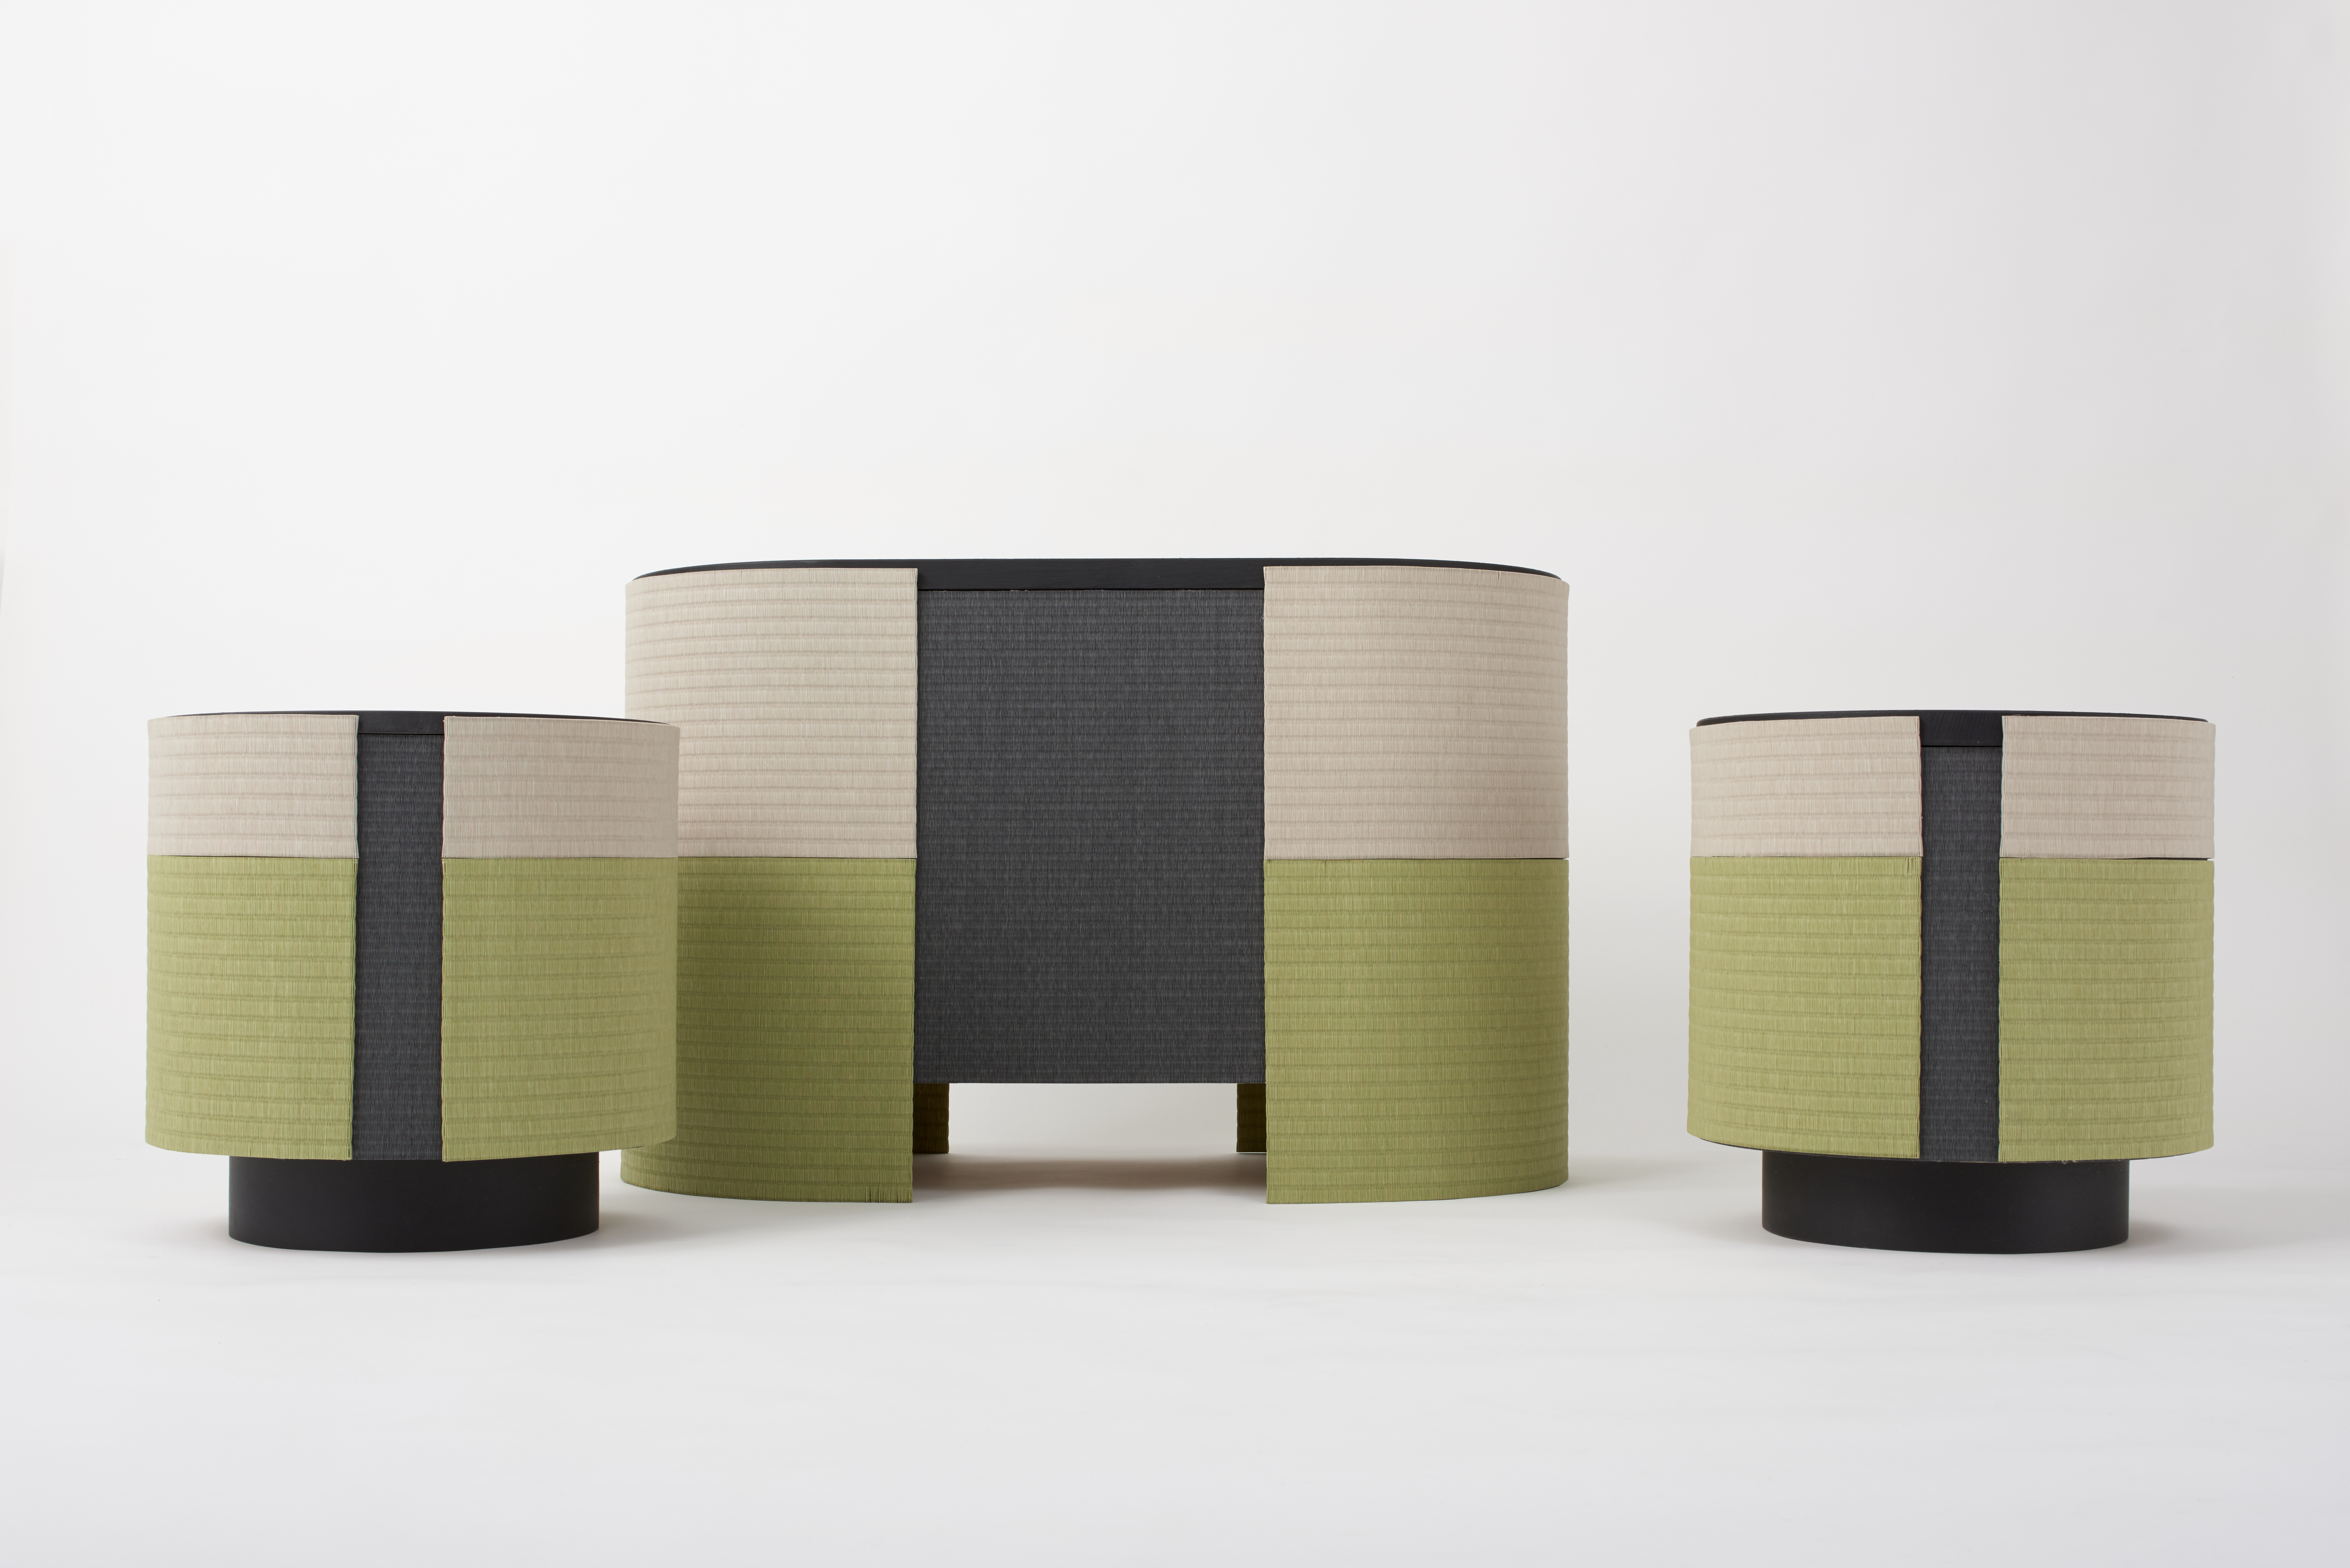 affordable maison u objet with fermob ledru rollin. Black Bedroom Furniture Sets. Home Design Ideas